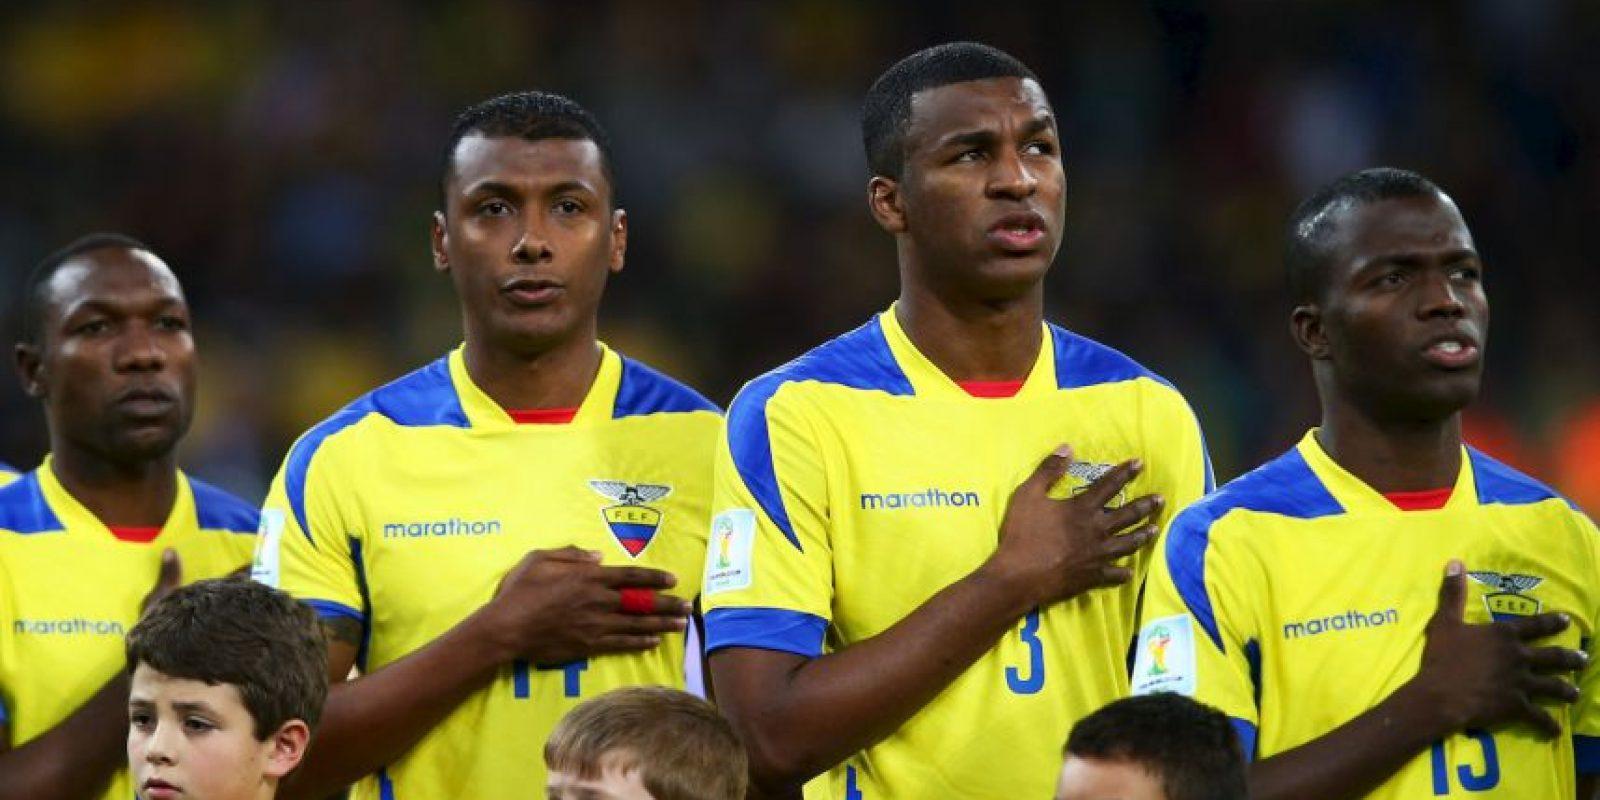 Están clasificados en la posición 31º del ranking de la FIFA, y son 6º en Conmebol. Foto:Getty Images